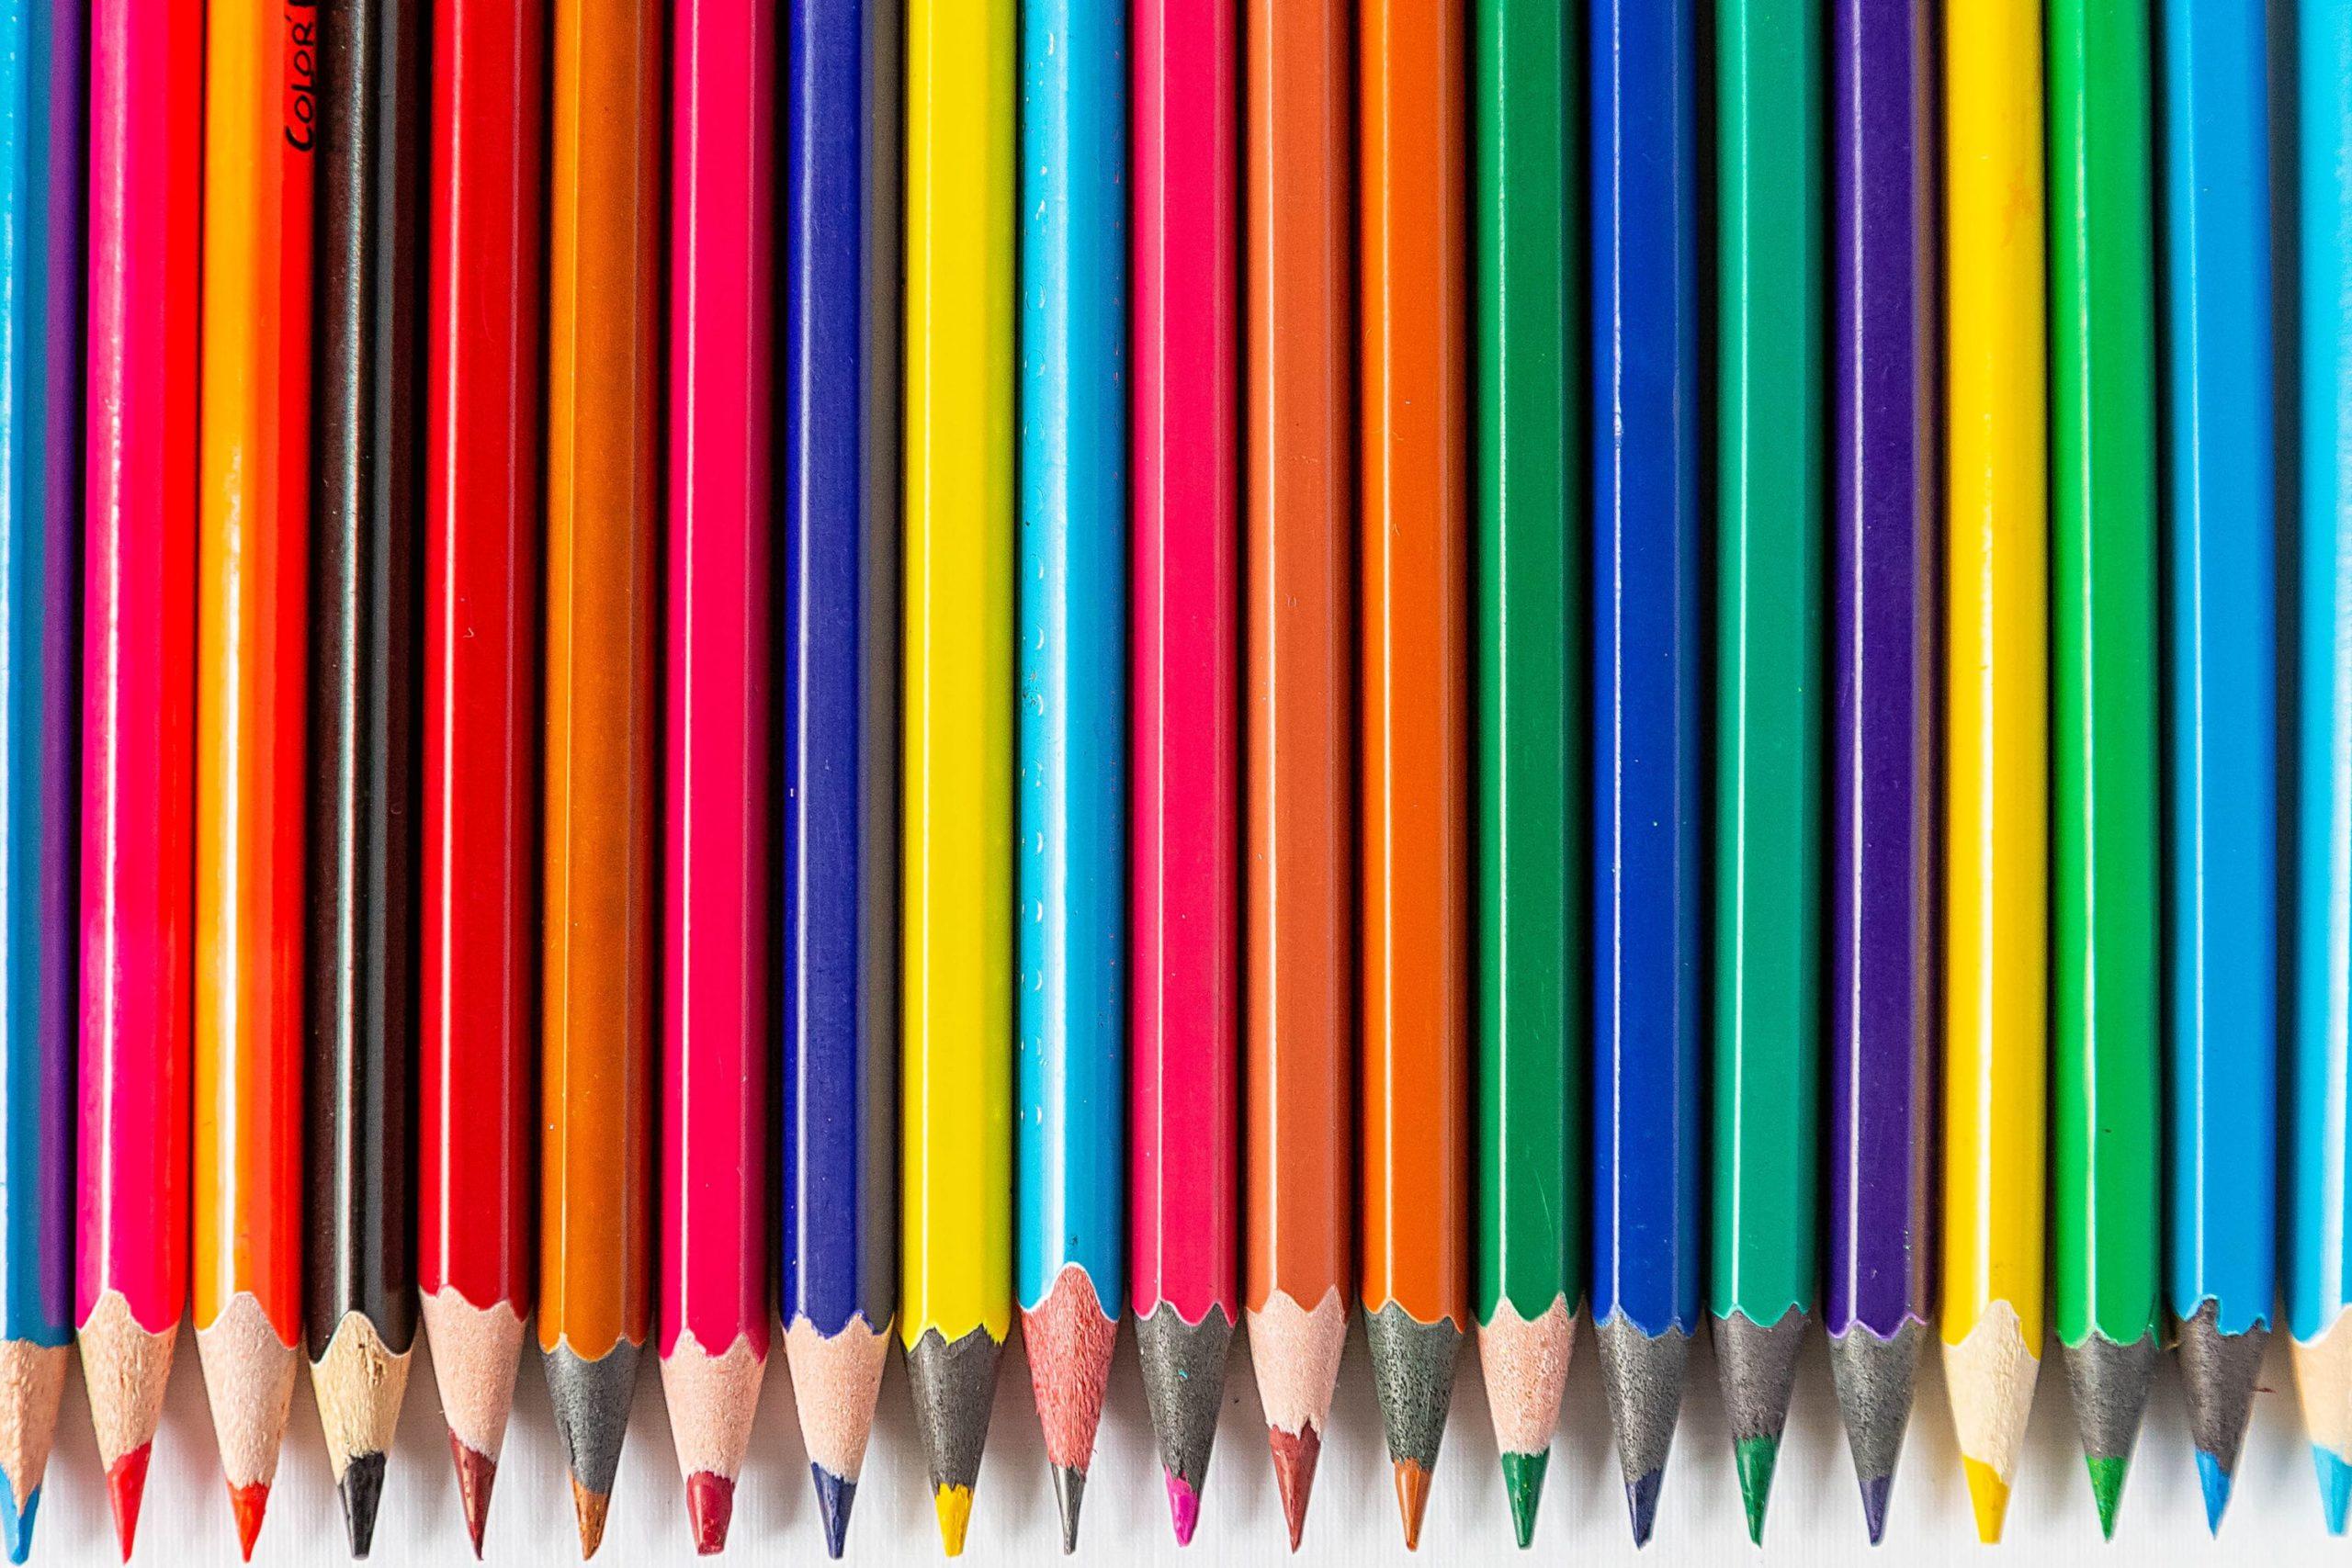 hd color pencils wallpaper